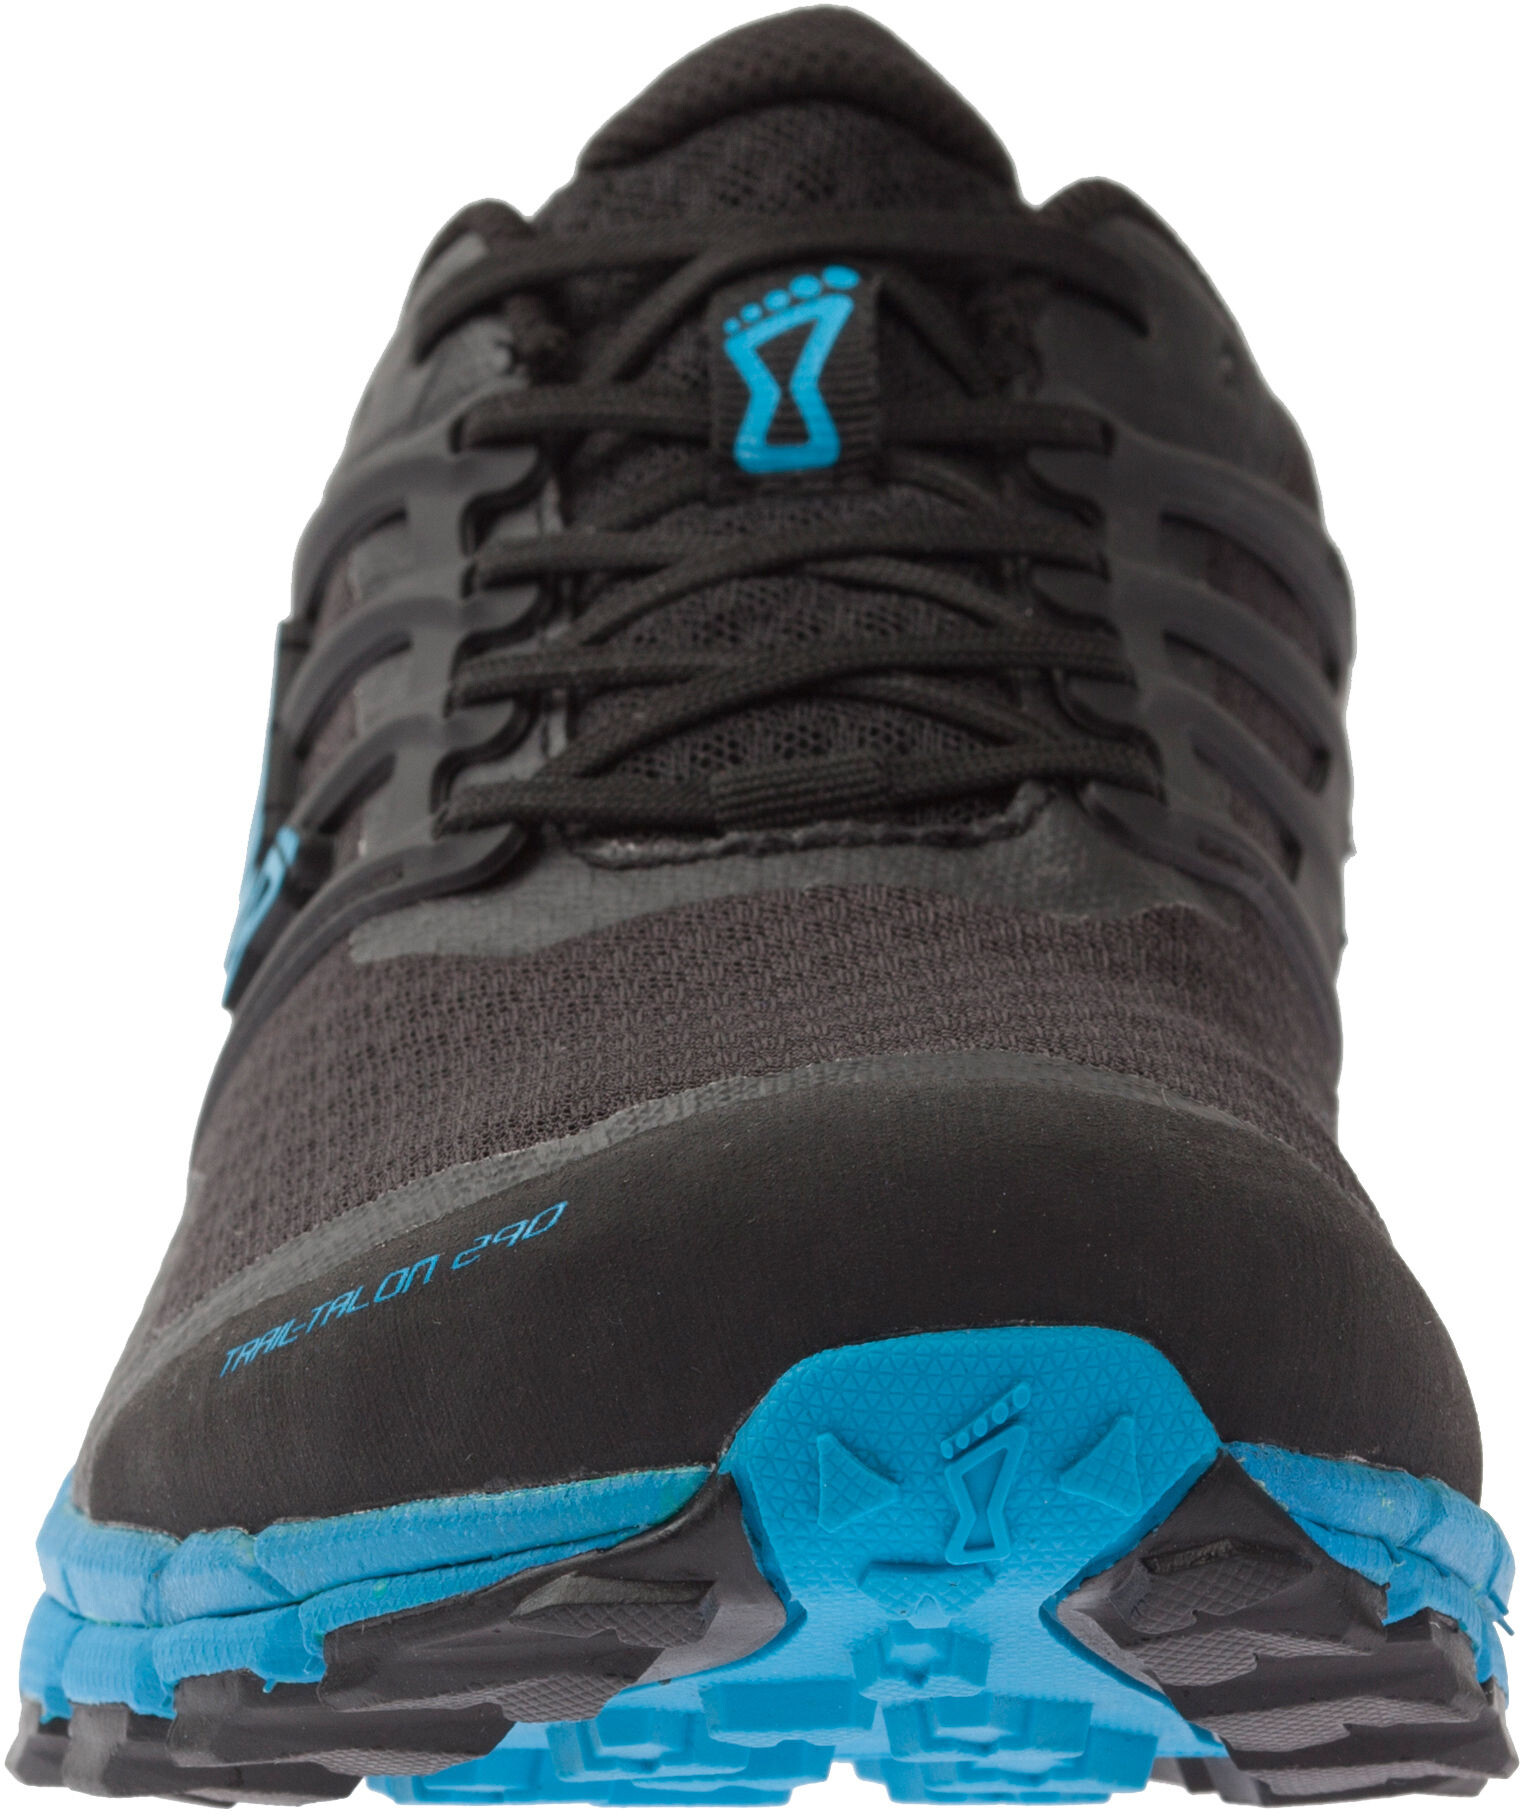 inov-8 Trailtalon 290 - Chaussures running Homme - bleu noir ... 1aa50a1ae88b